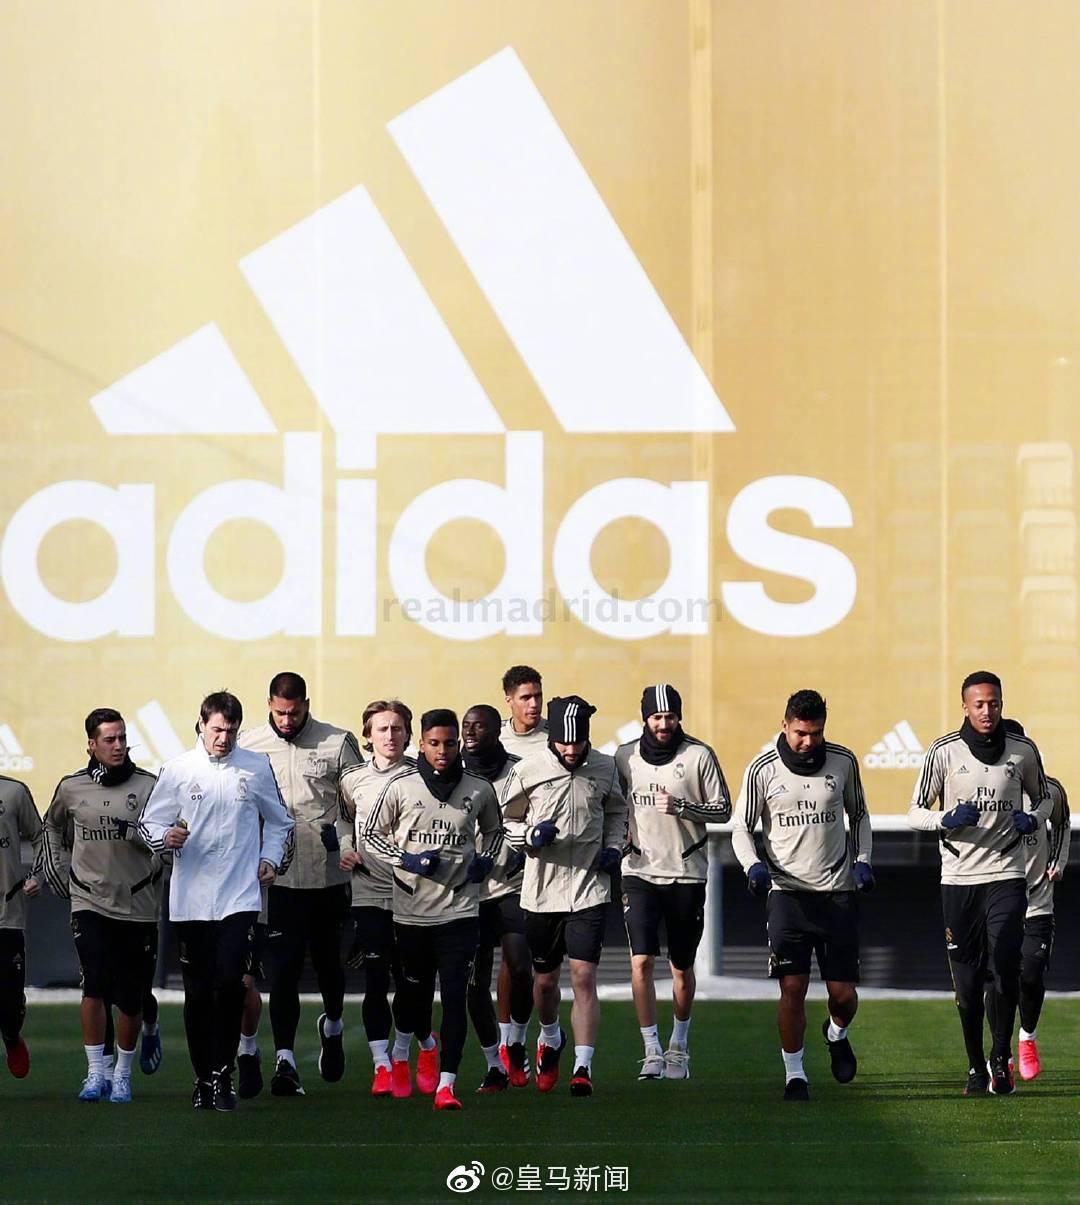 皇马全队训练备战巴拉多利德:拉莫斯开始有球训练